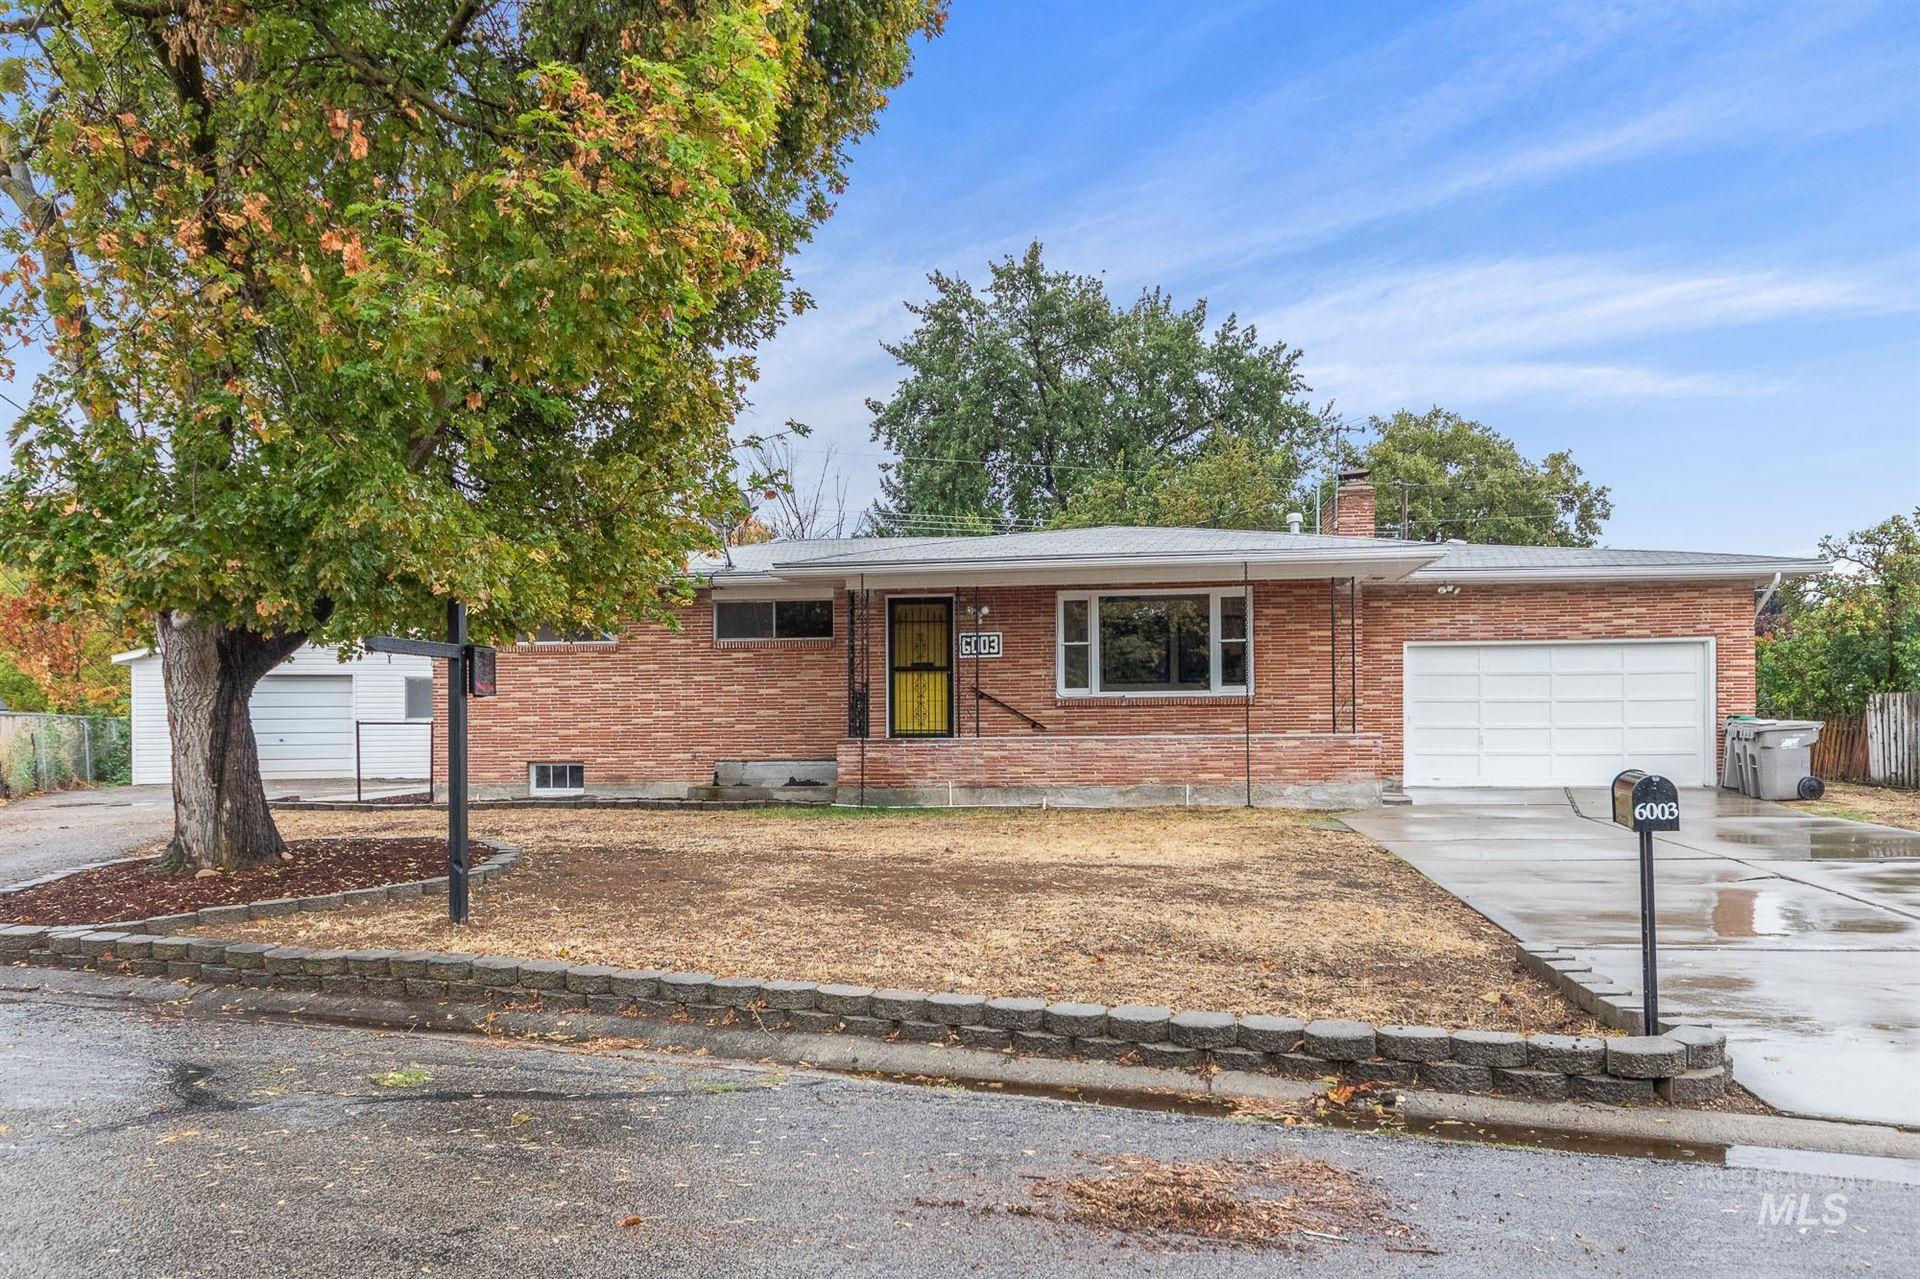 6003 Kirkwood, Boise, ID 83709 - MLS#: 98822088